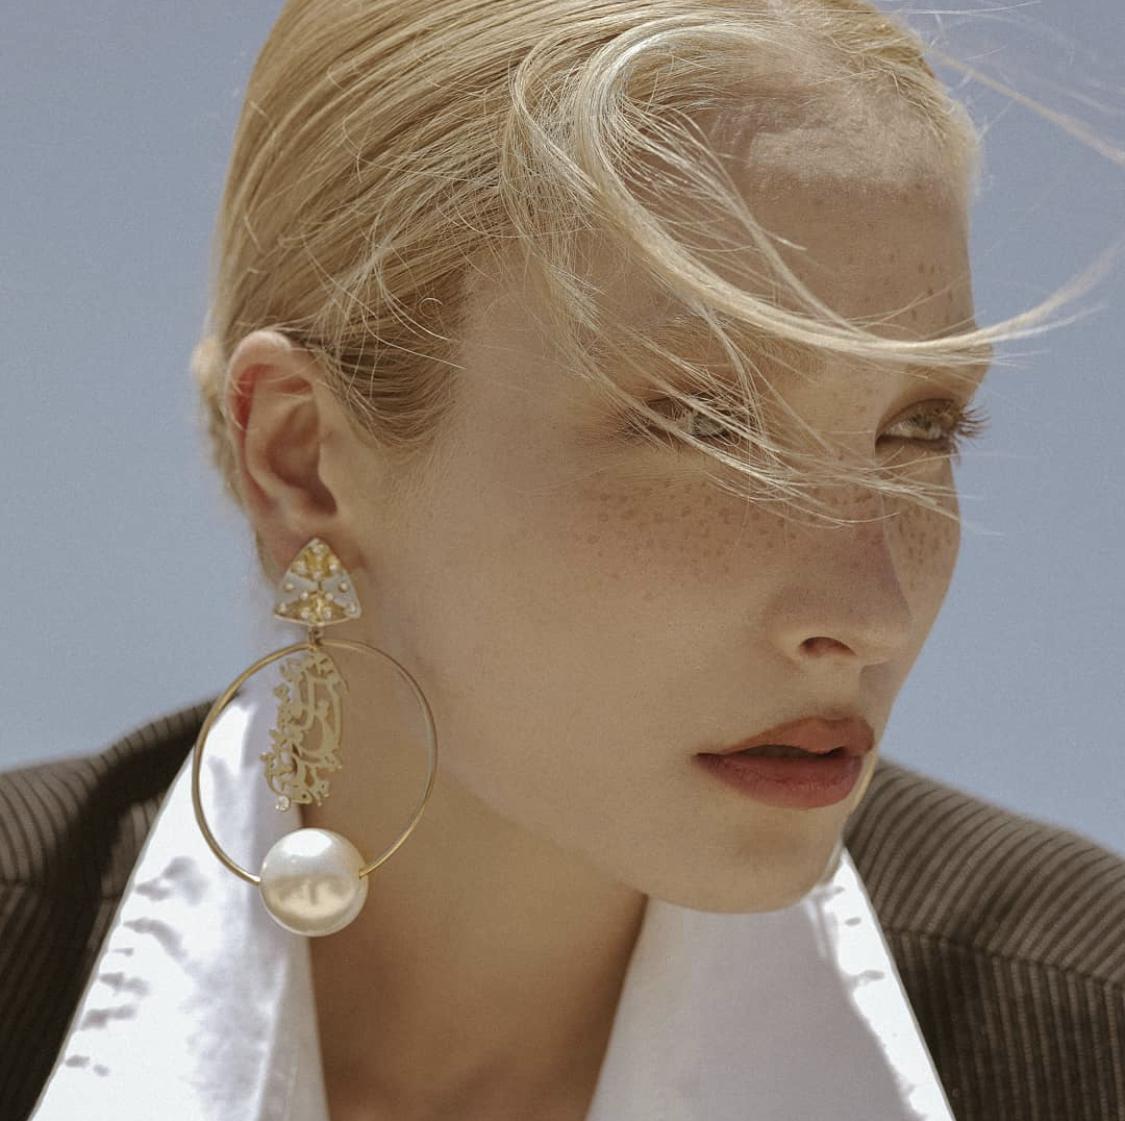 Dolat e eshgh amad earrings